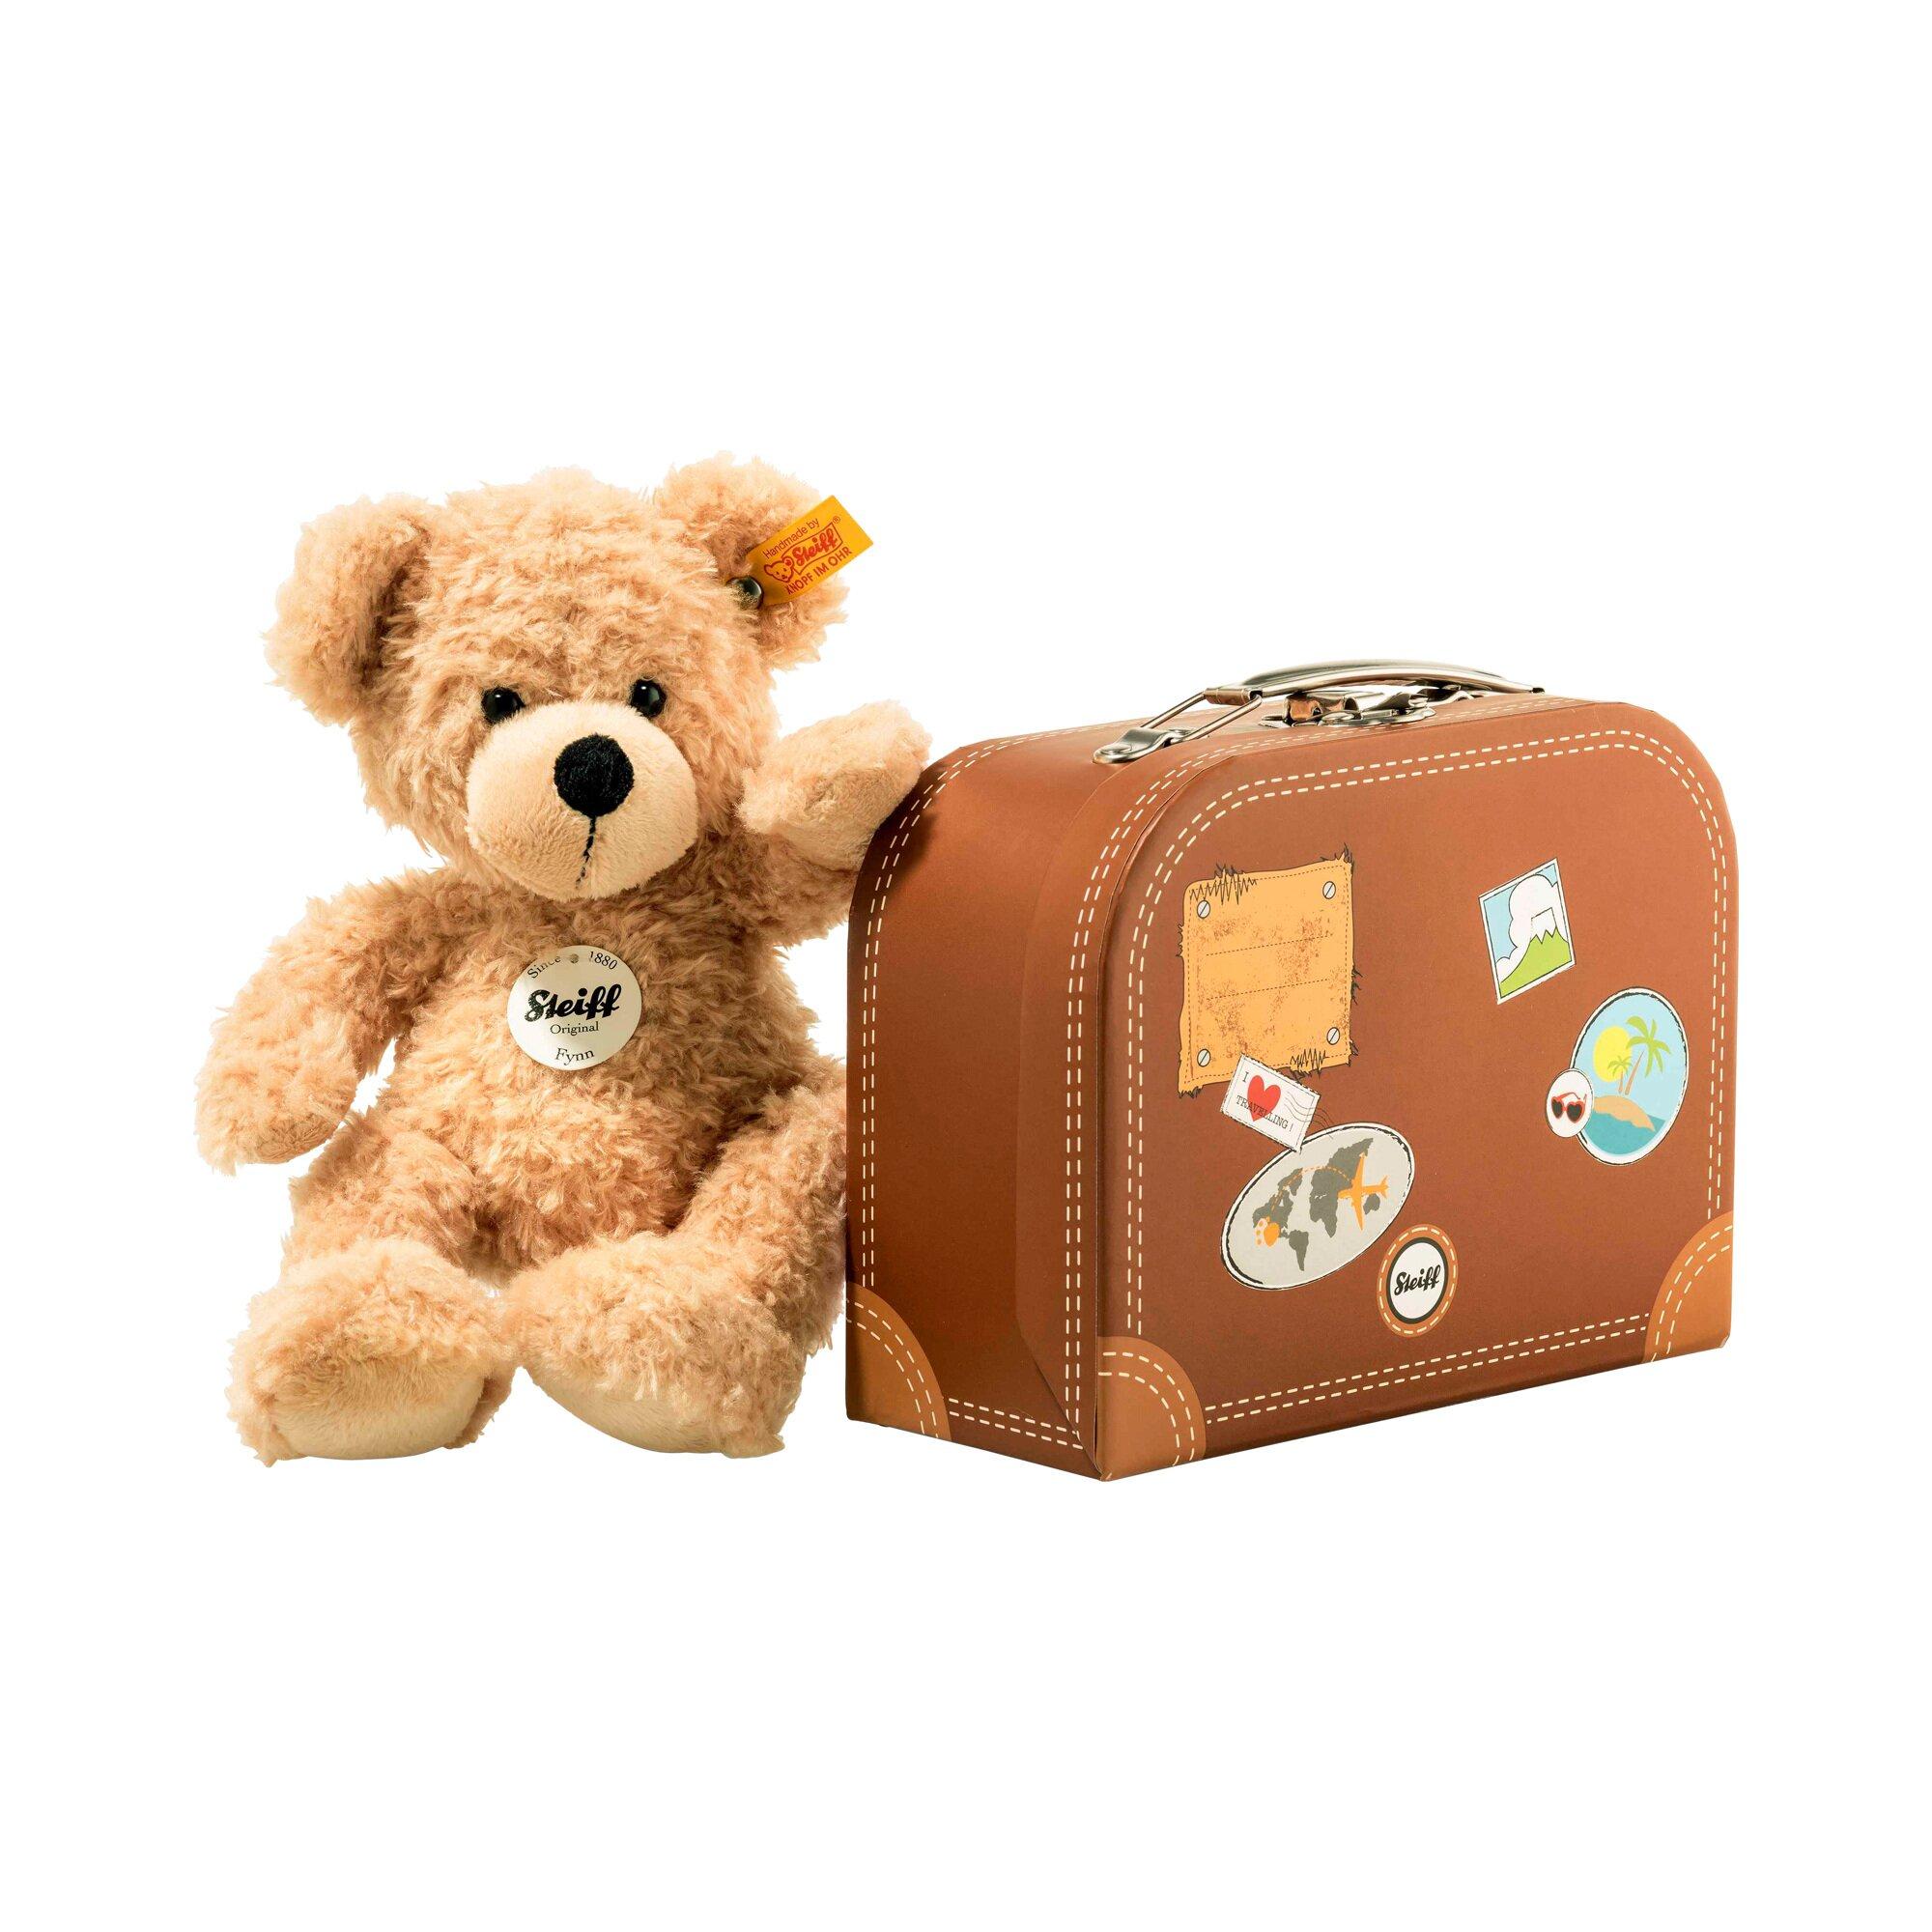 Steiff Teddybär Fynn im Koffer 28cm